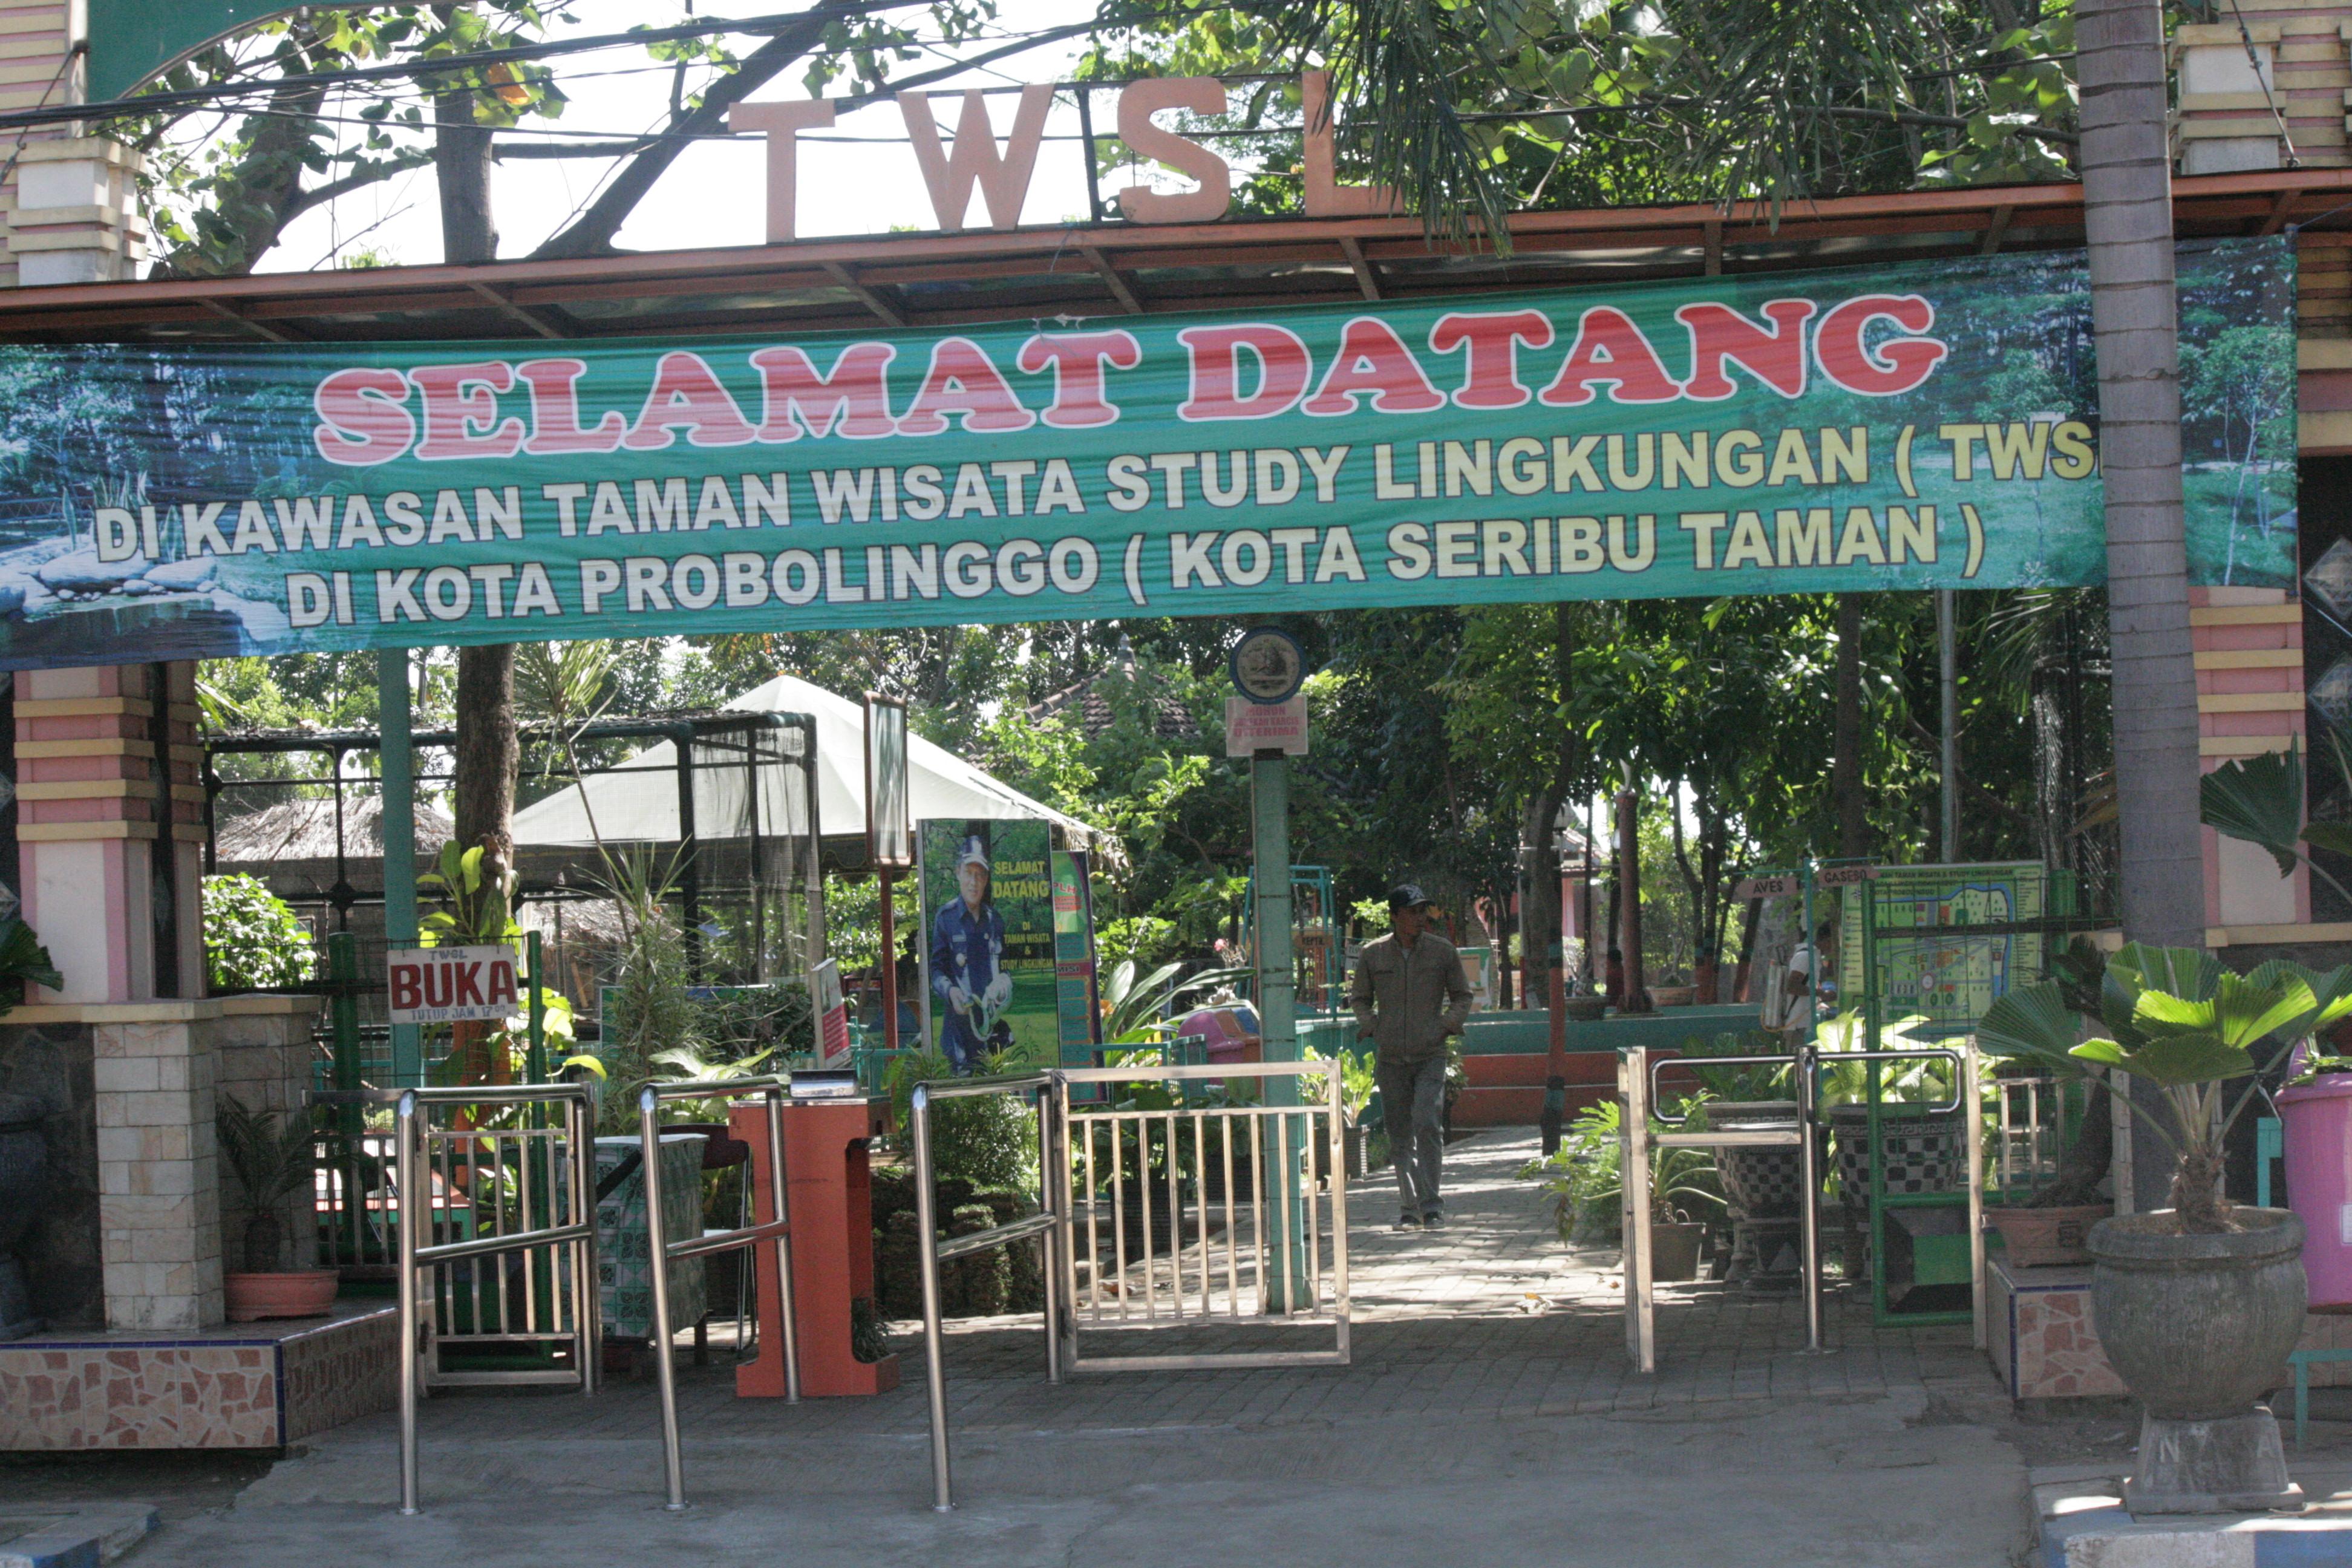 Tempat Wisata Probolinggo Artikel Hiburan Taman Study Lingkungan Twsl Agrowisata